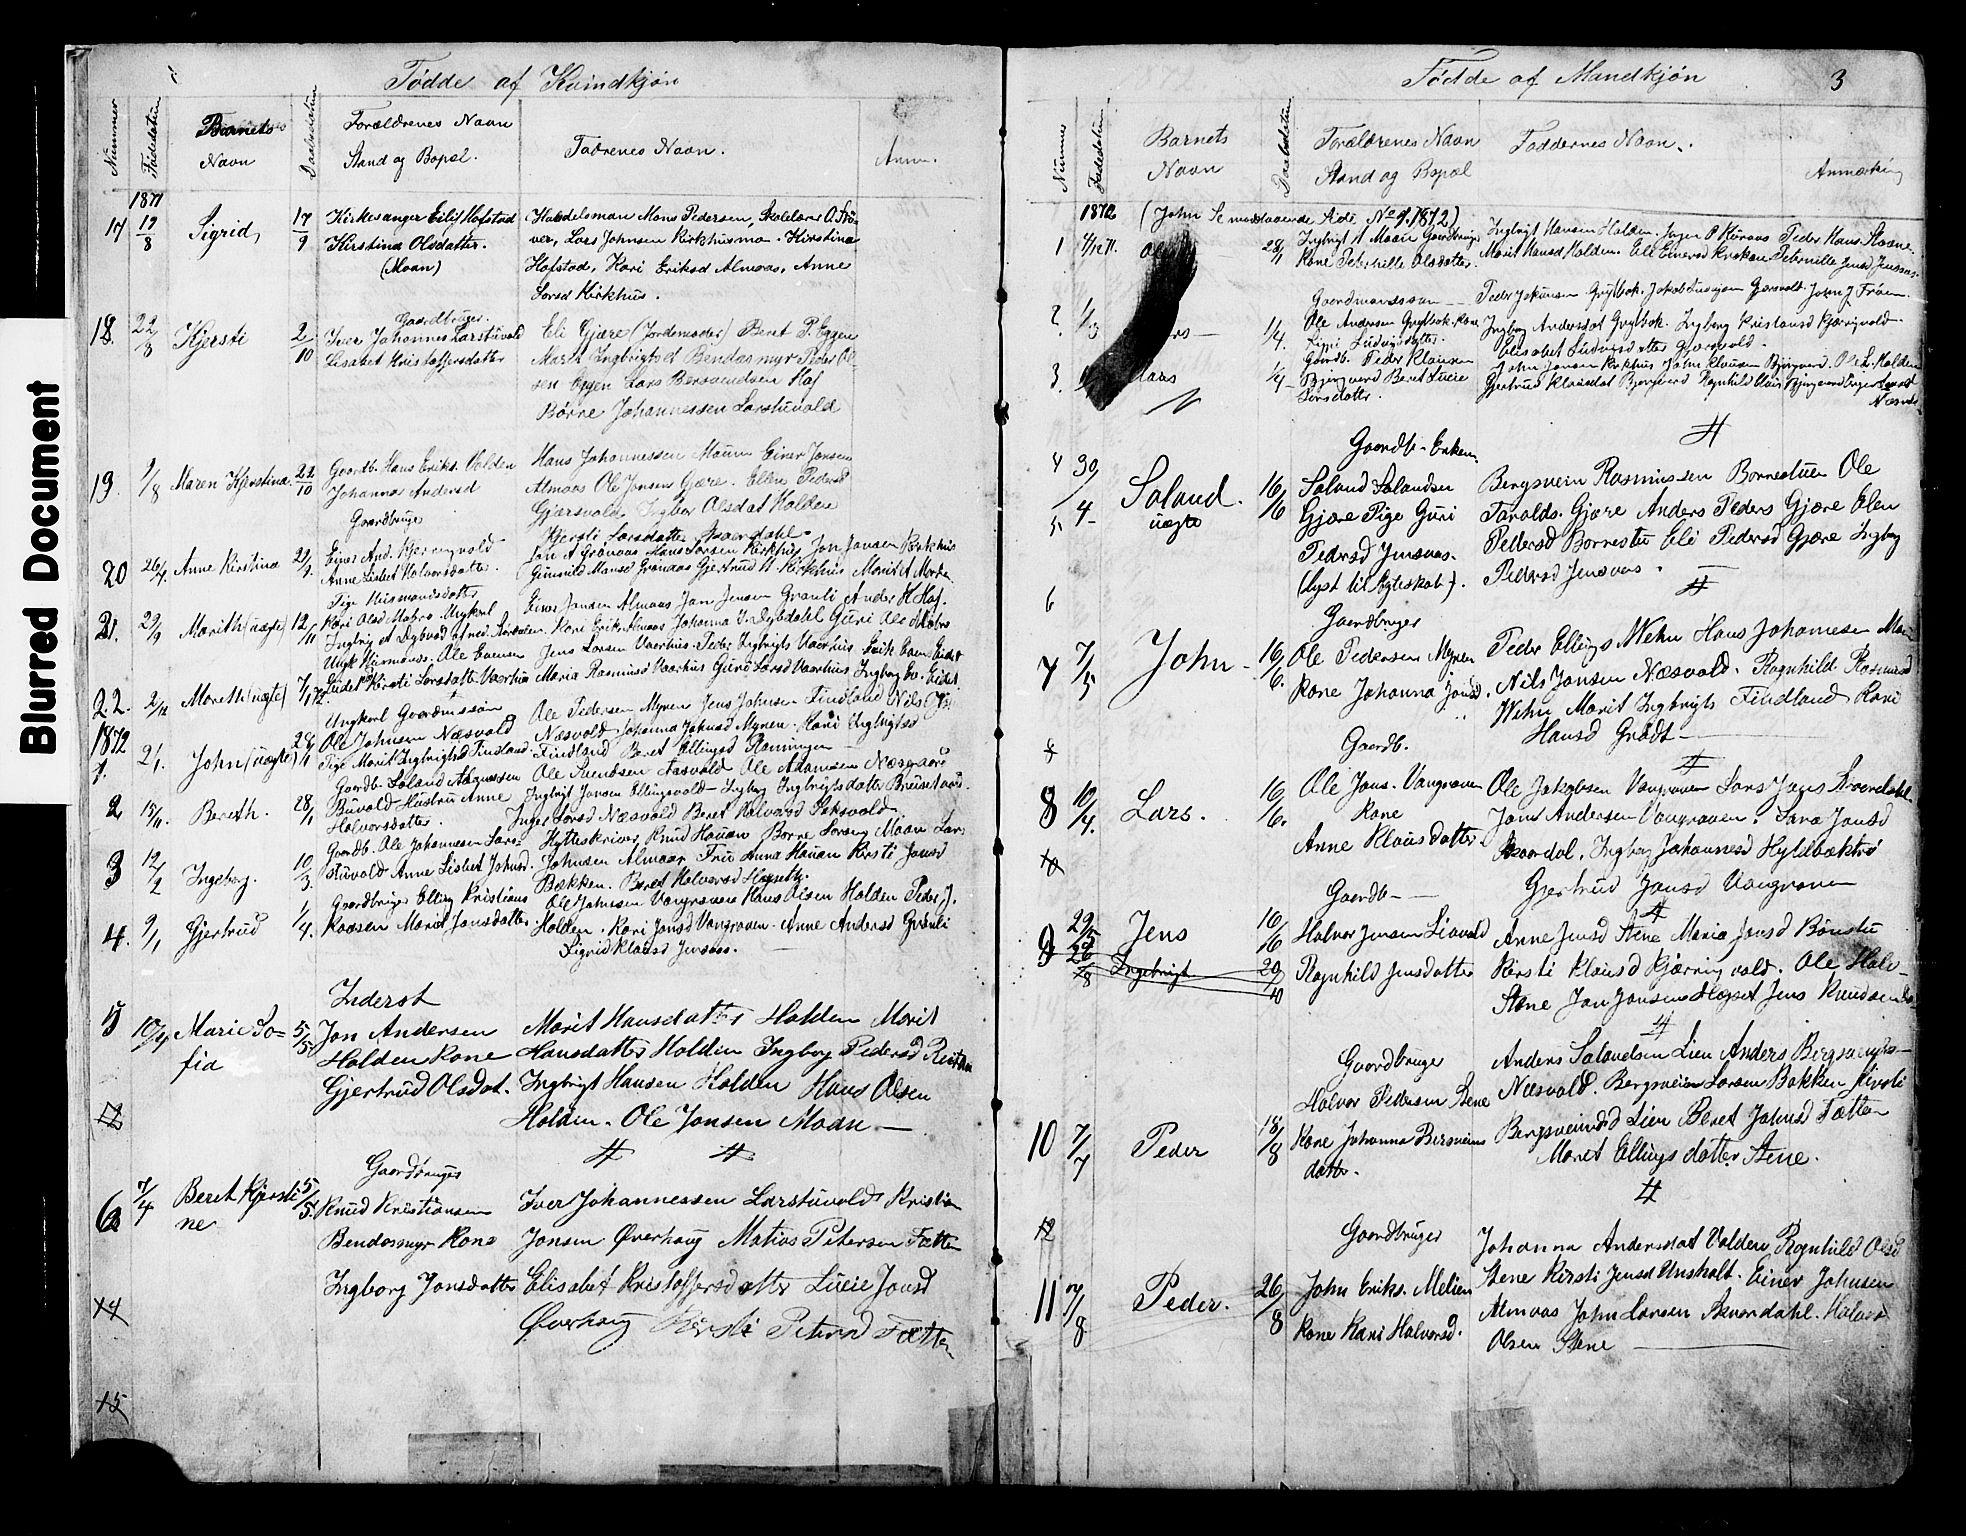 SAT, Ministerialprotokoller, klokkerbøker og fødselsregistre - Sør-Trøndelag, 686/L0985: Klokkerbok nr. 686C01, 1871-1933, s. 3